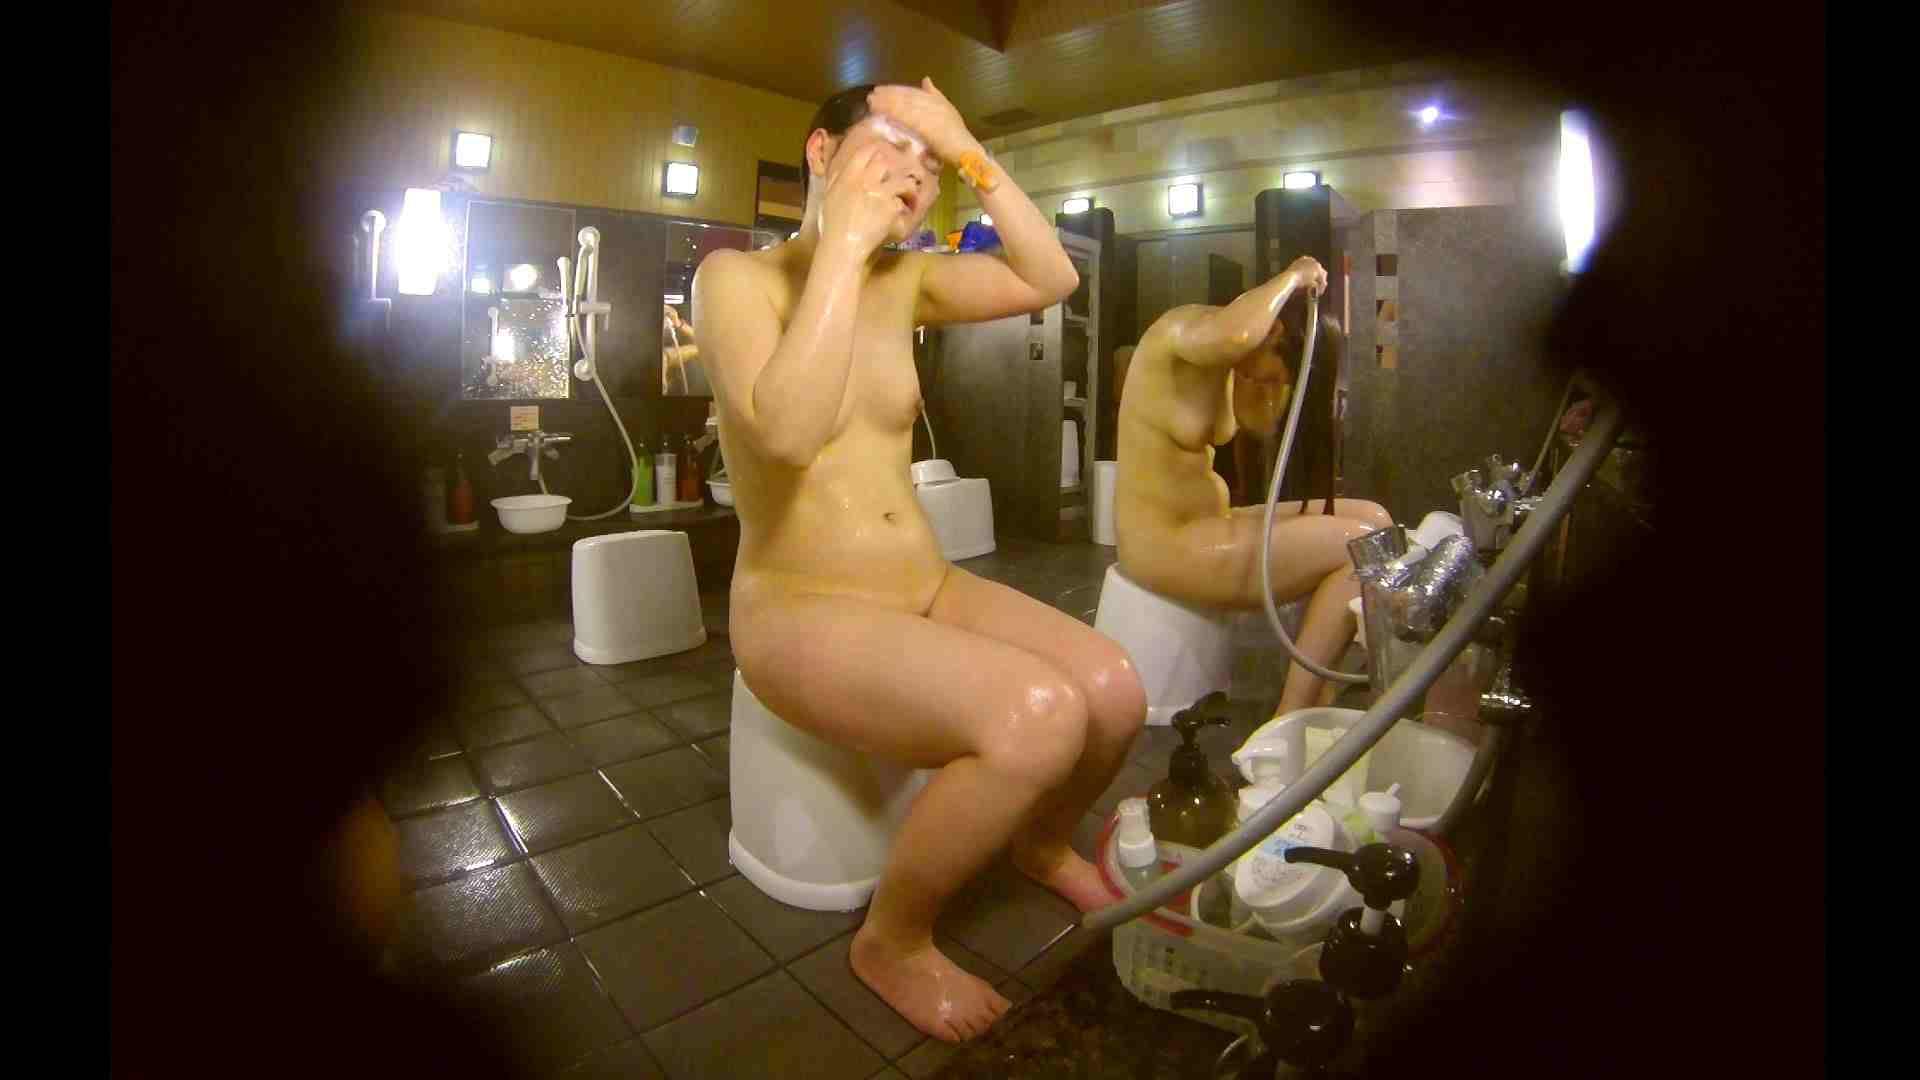 オムニバス!洗い場、通路など色々な裸体が見れてお得です。 アラ30 ワレメ動画紹介 89枚 54